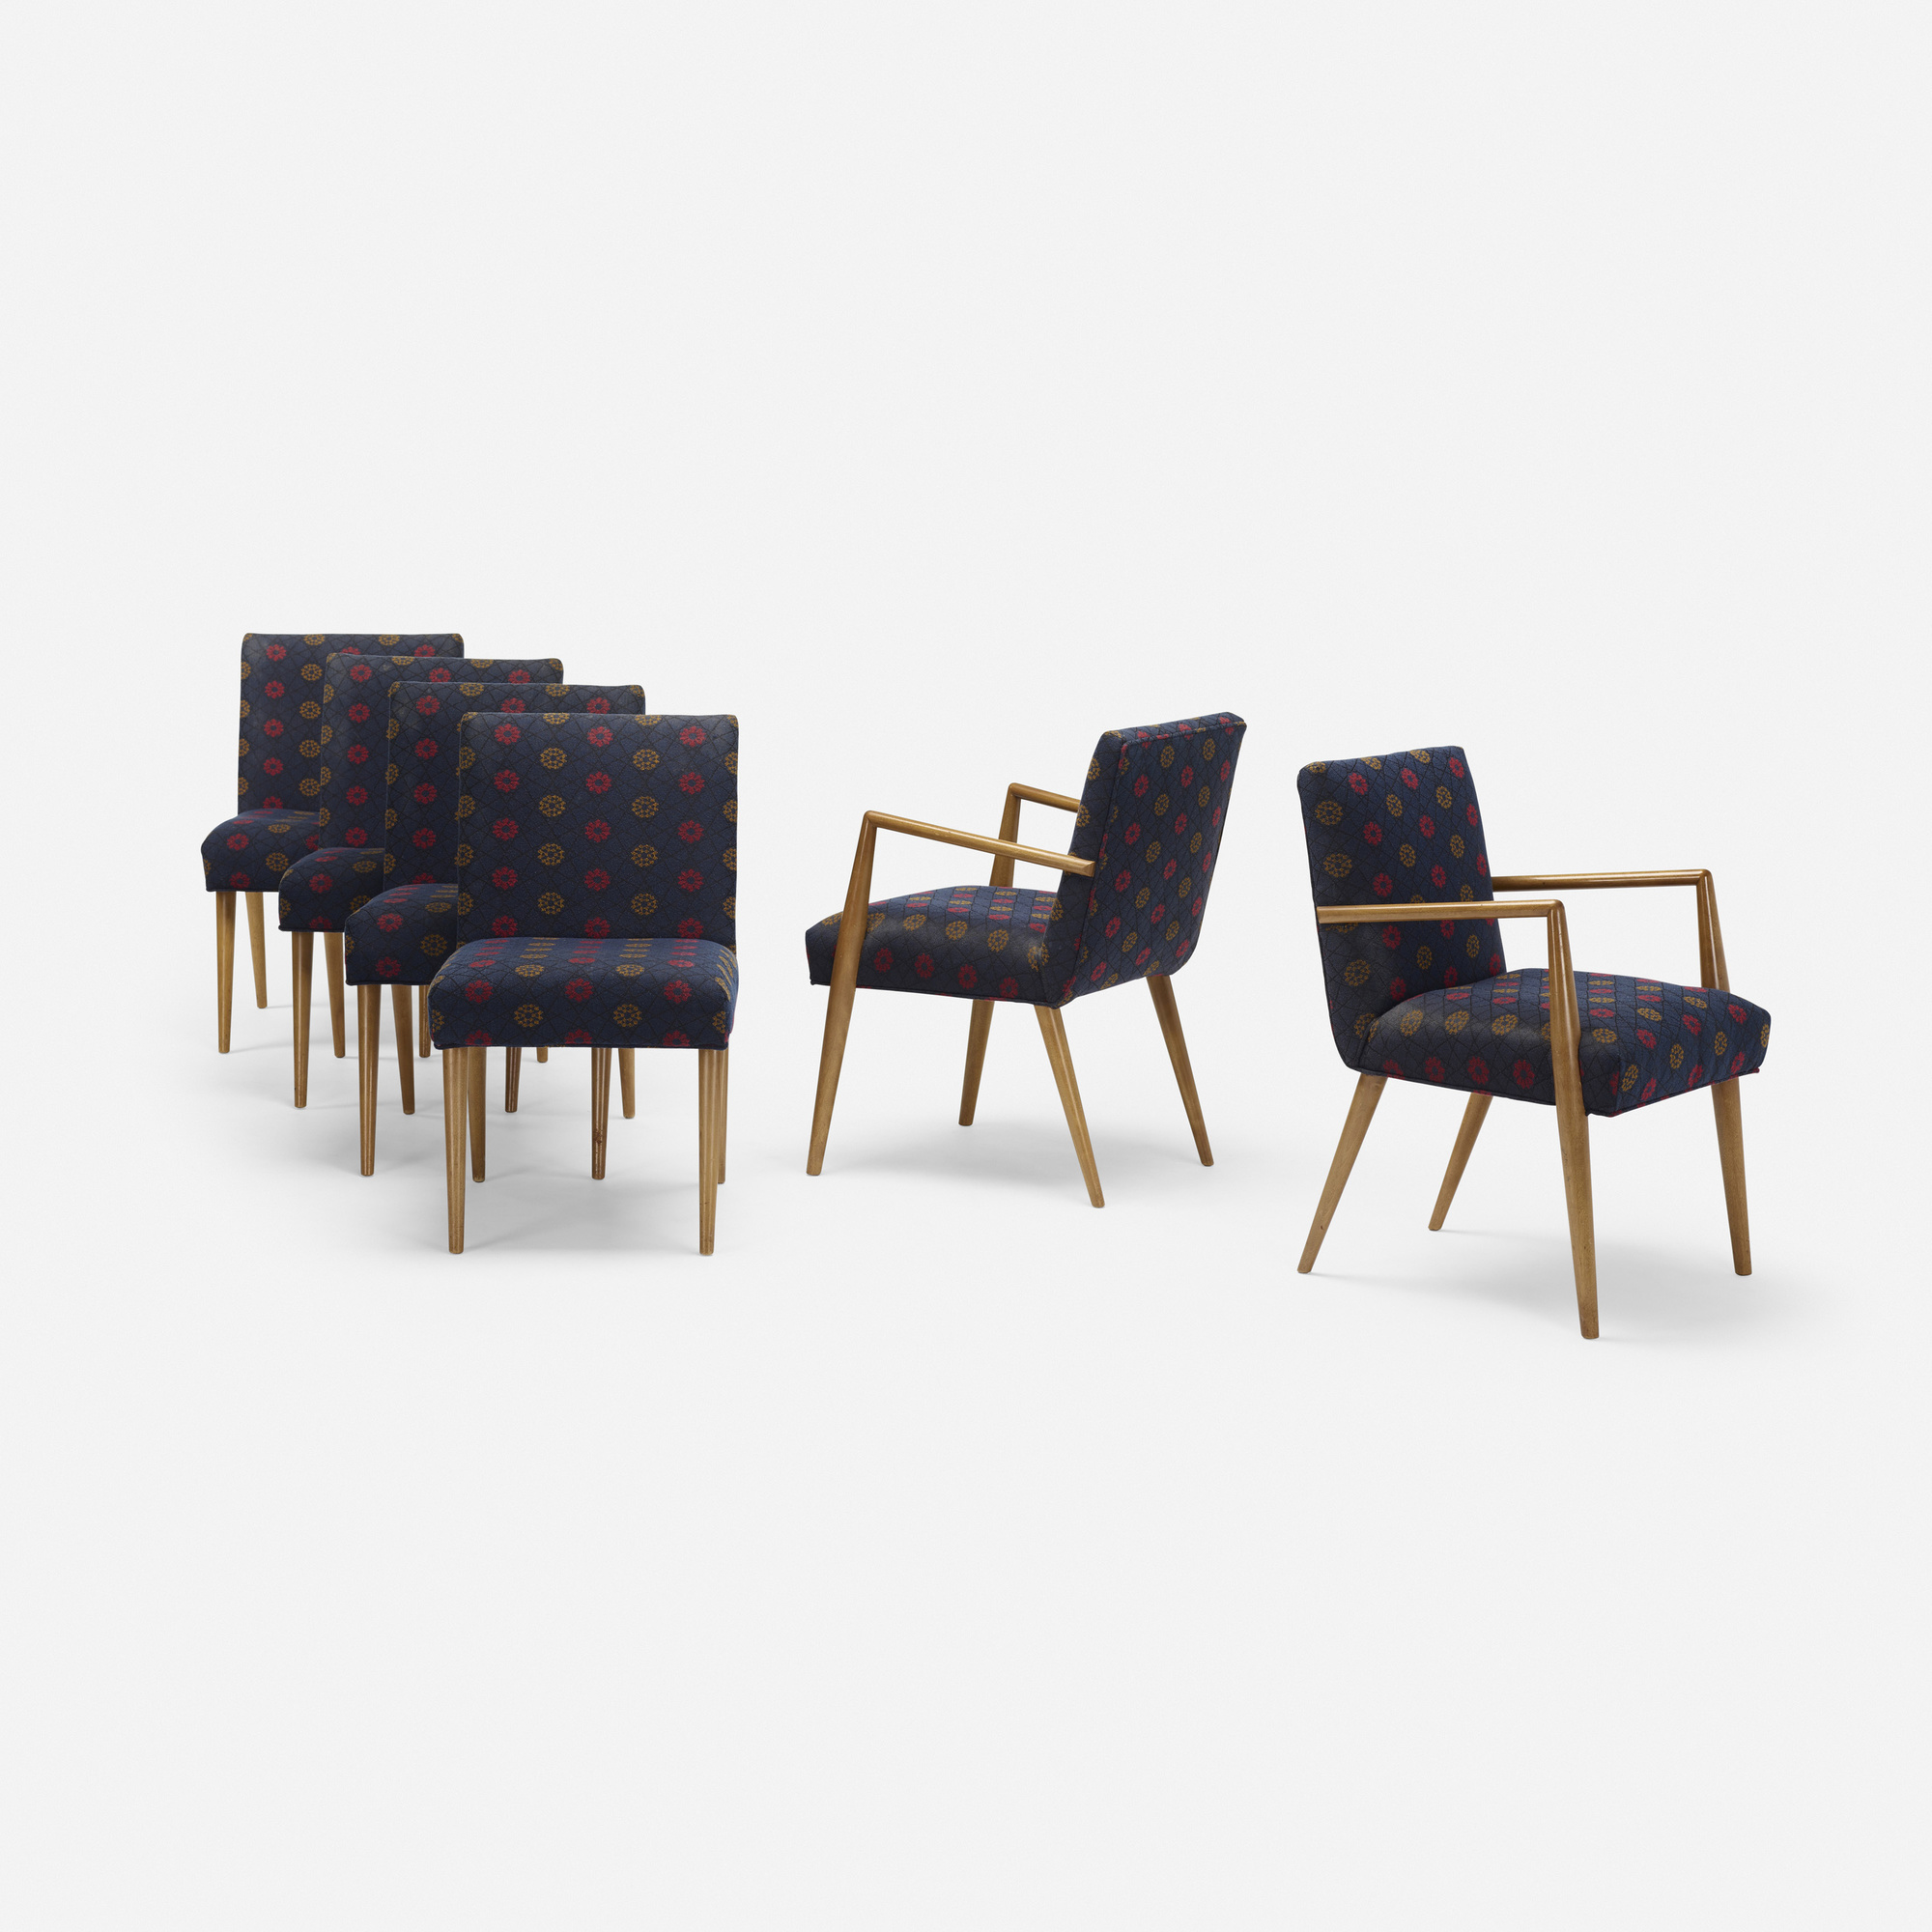 692: T.H. Robsjohn-Gibbings / dining chairs model 1686, set of six (1 of 3)